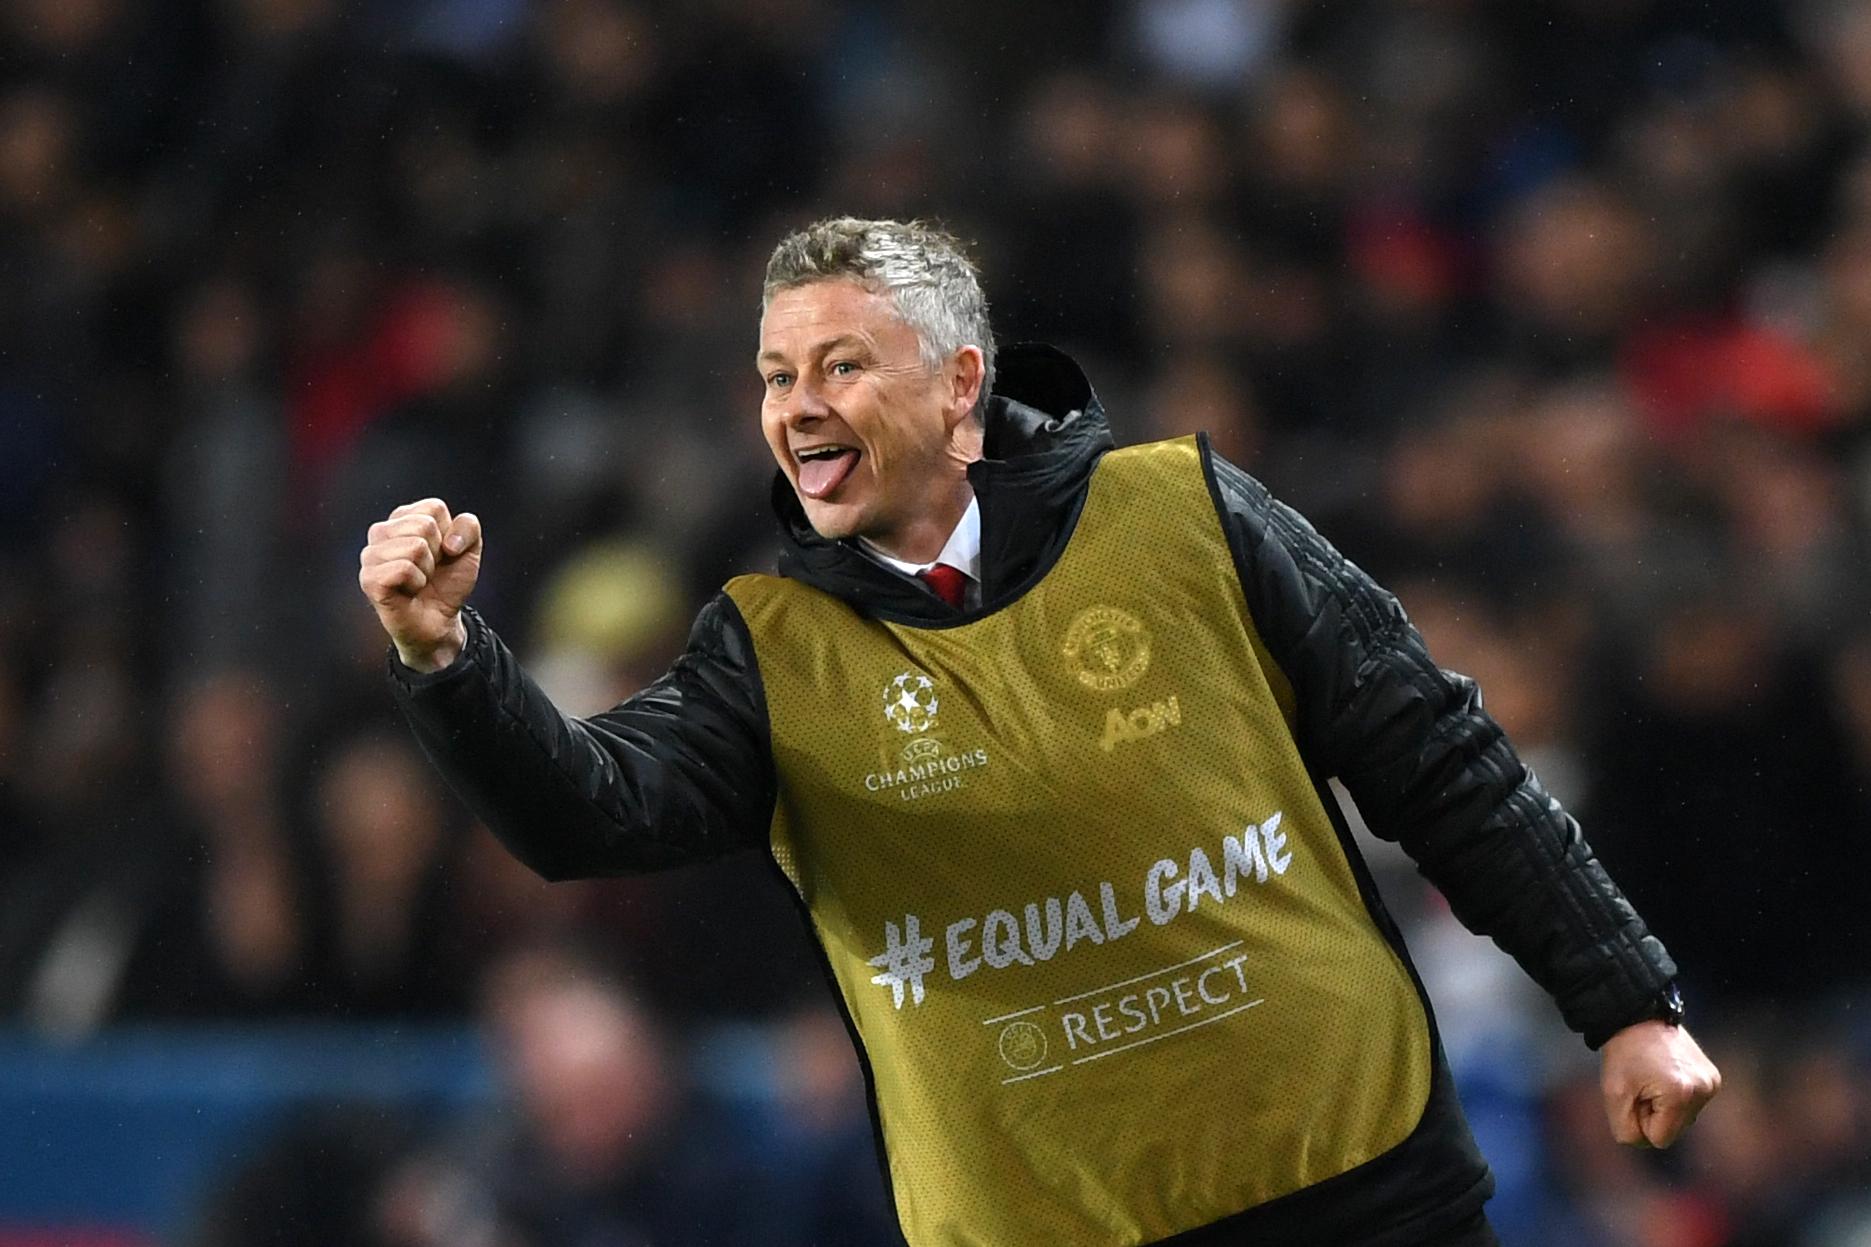 Diavolii de la Manchester United s-au întărit în perioadă de criză! Cine este jucătorul de doi metri adus de englezi